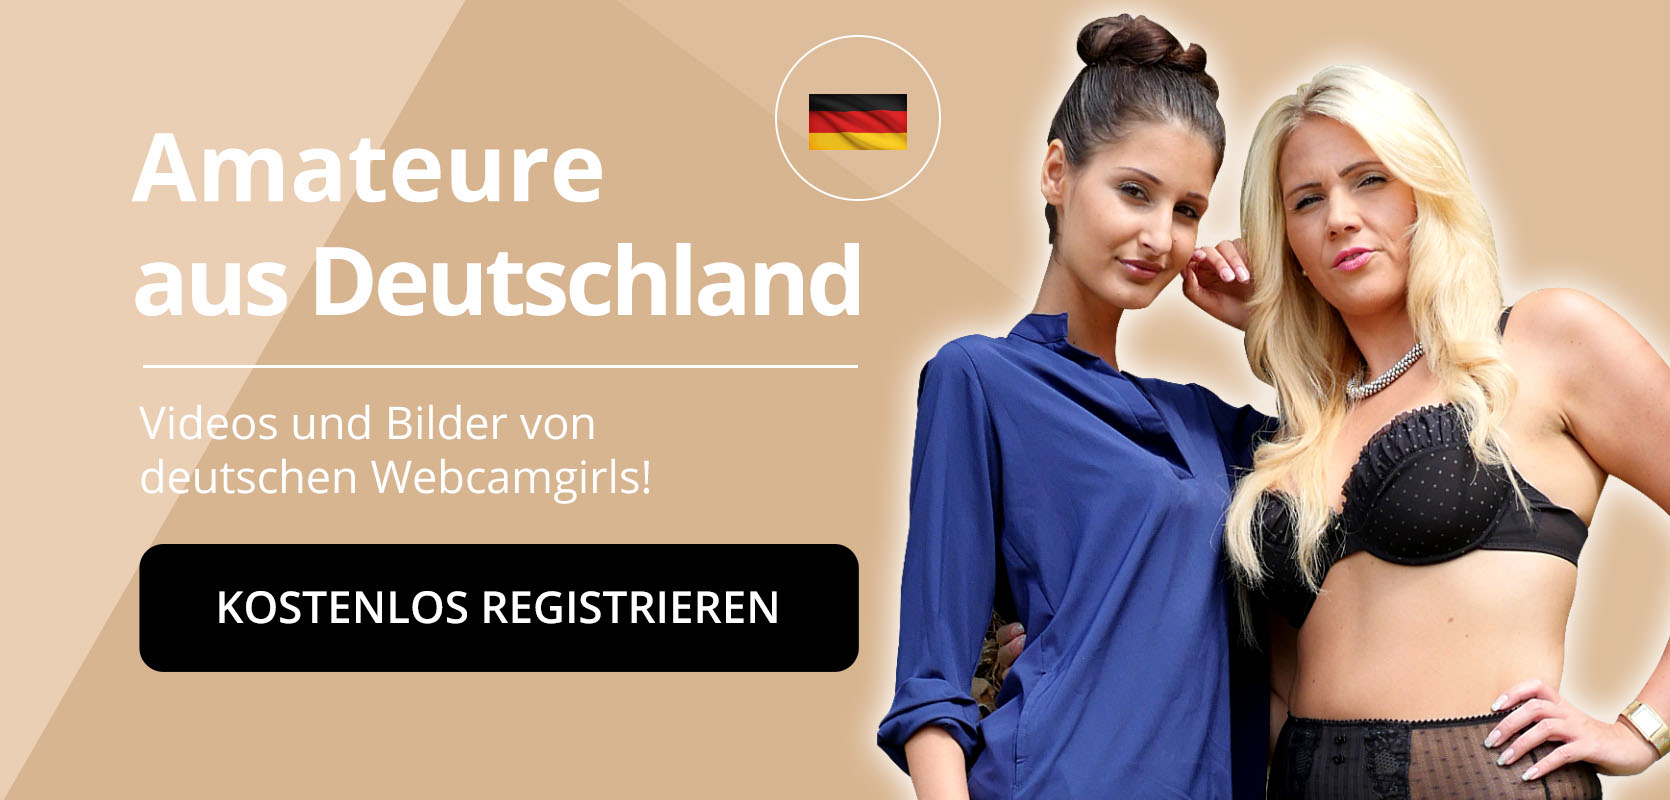 Amateure aus Deutschland